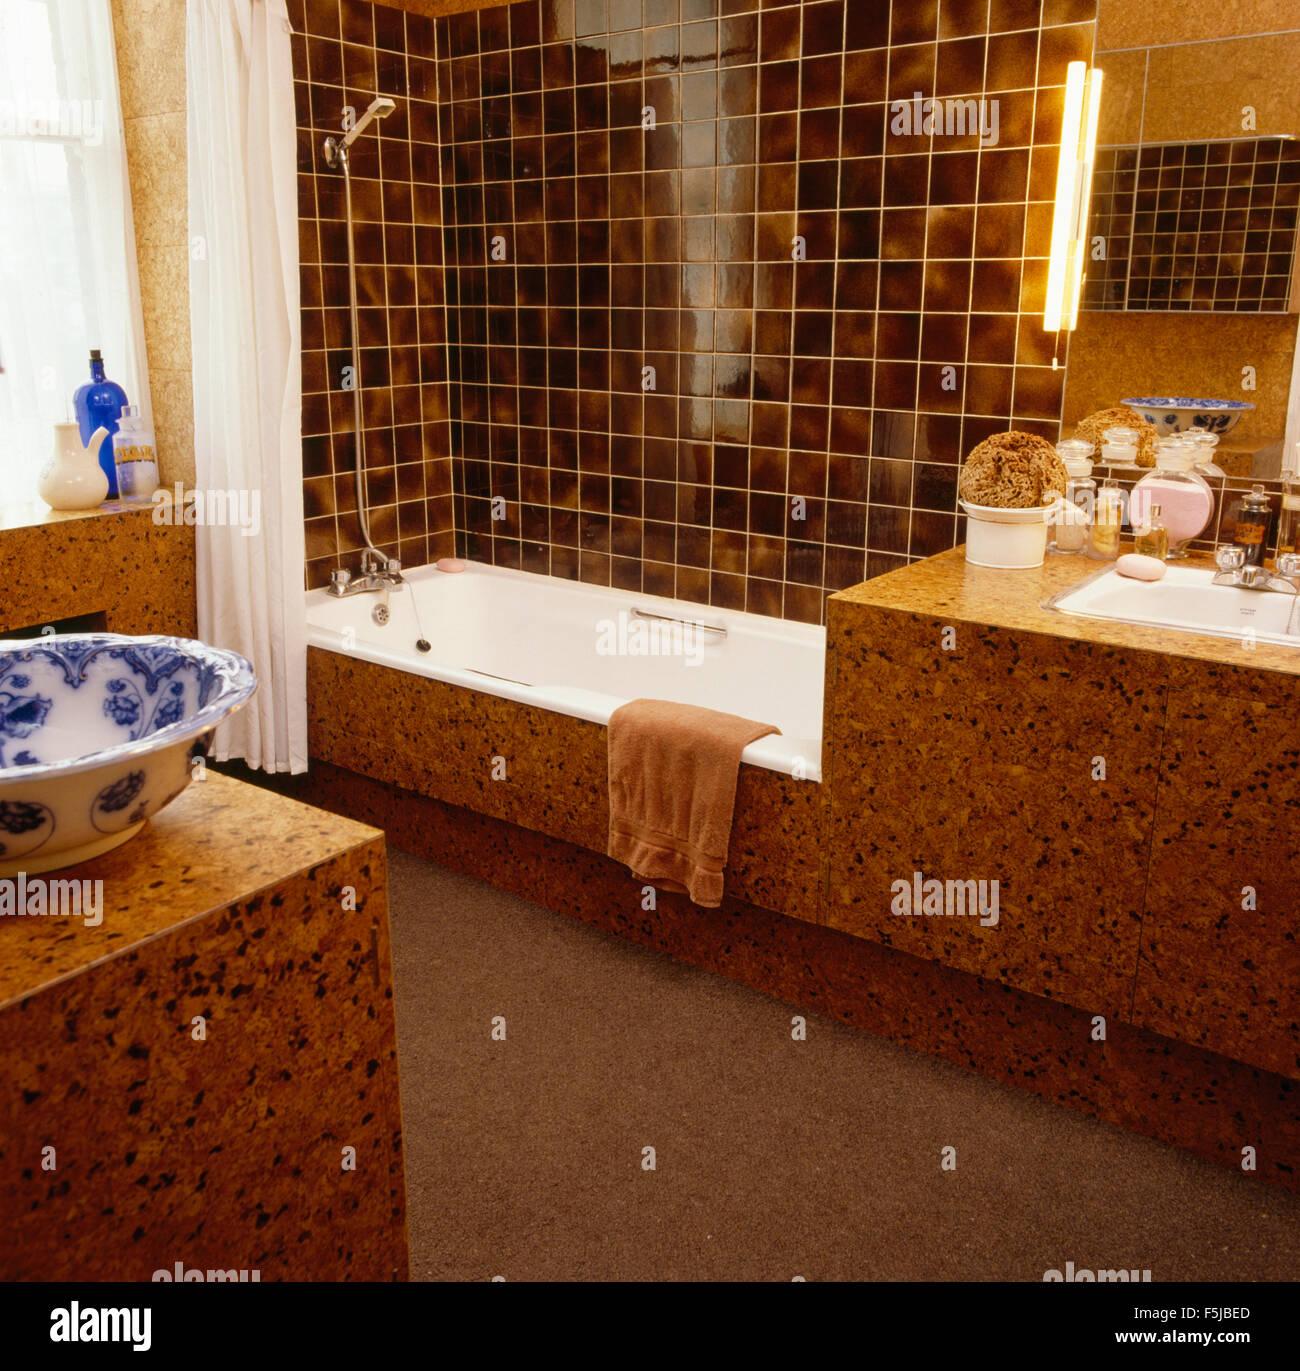 https www alamyimages fr photo image carreaux brun au dessus de baignoire dans salle de bains lambrissee liege 1960 89529285 html